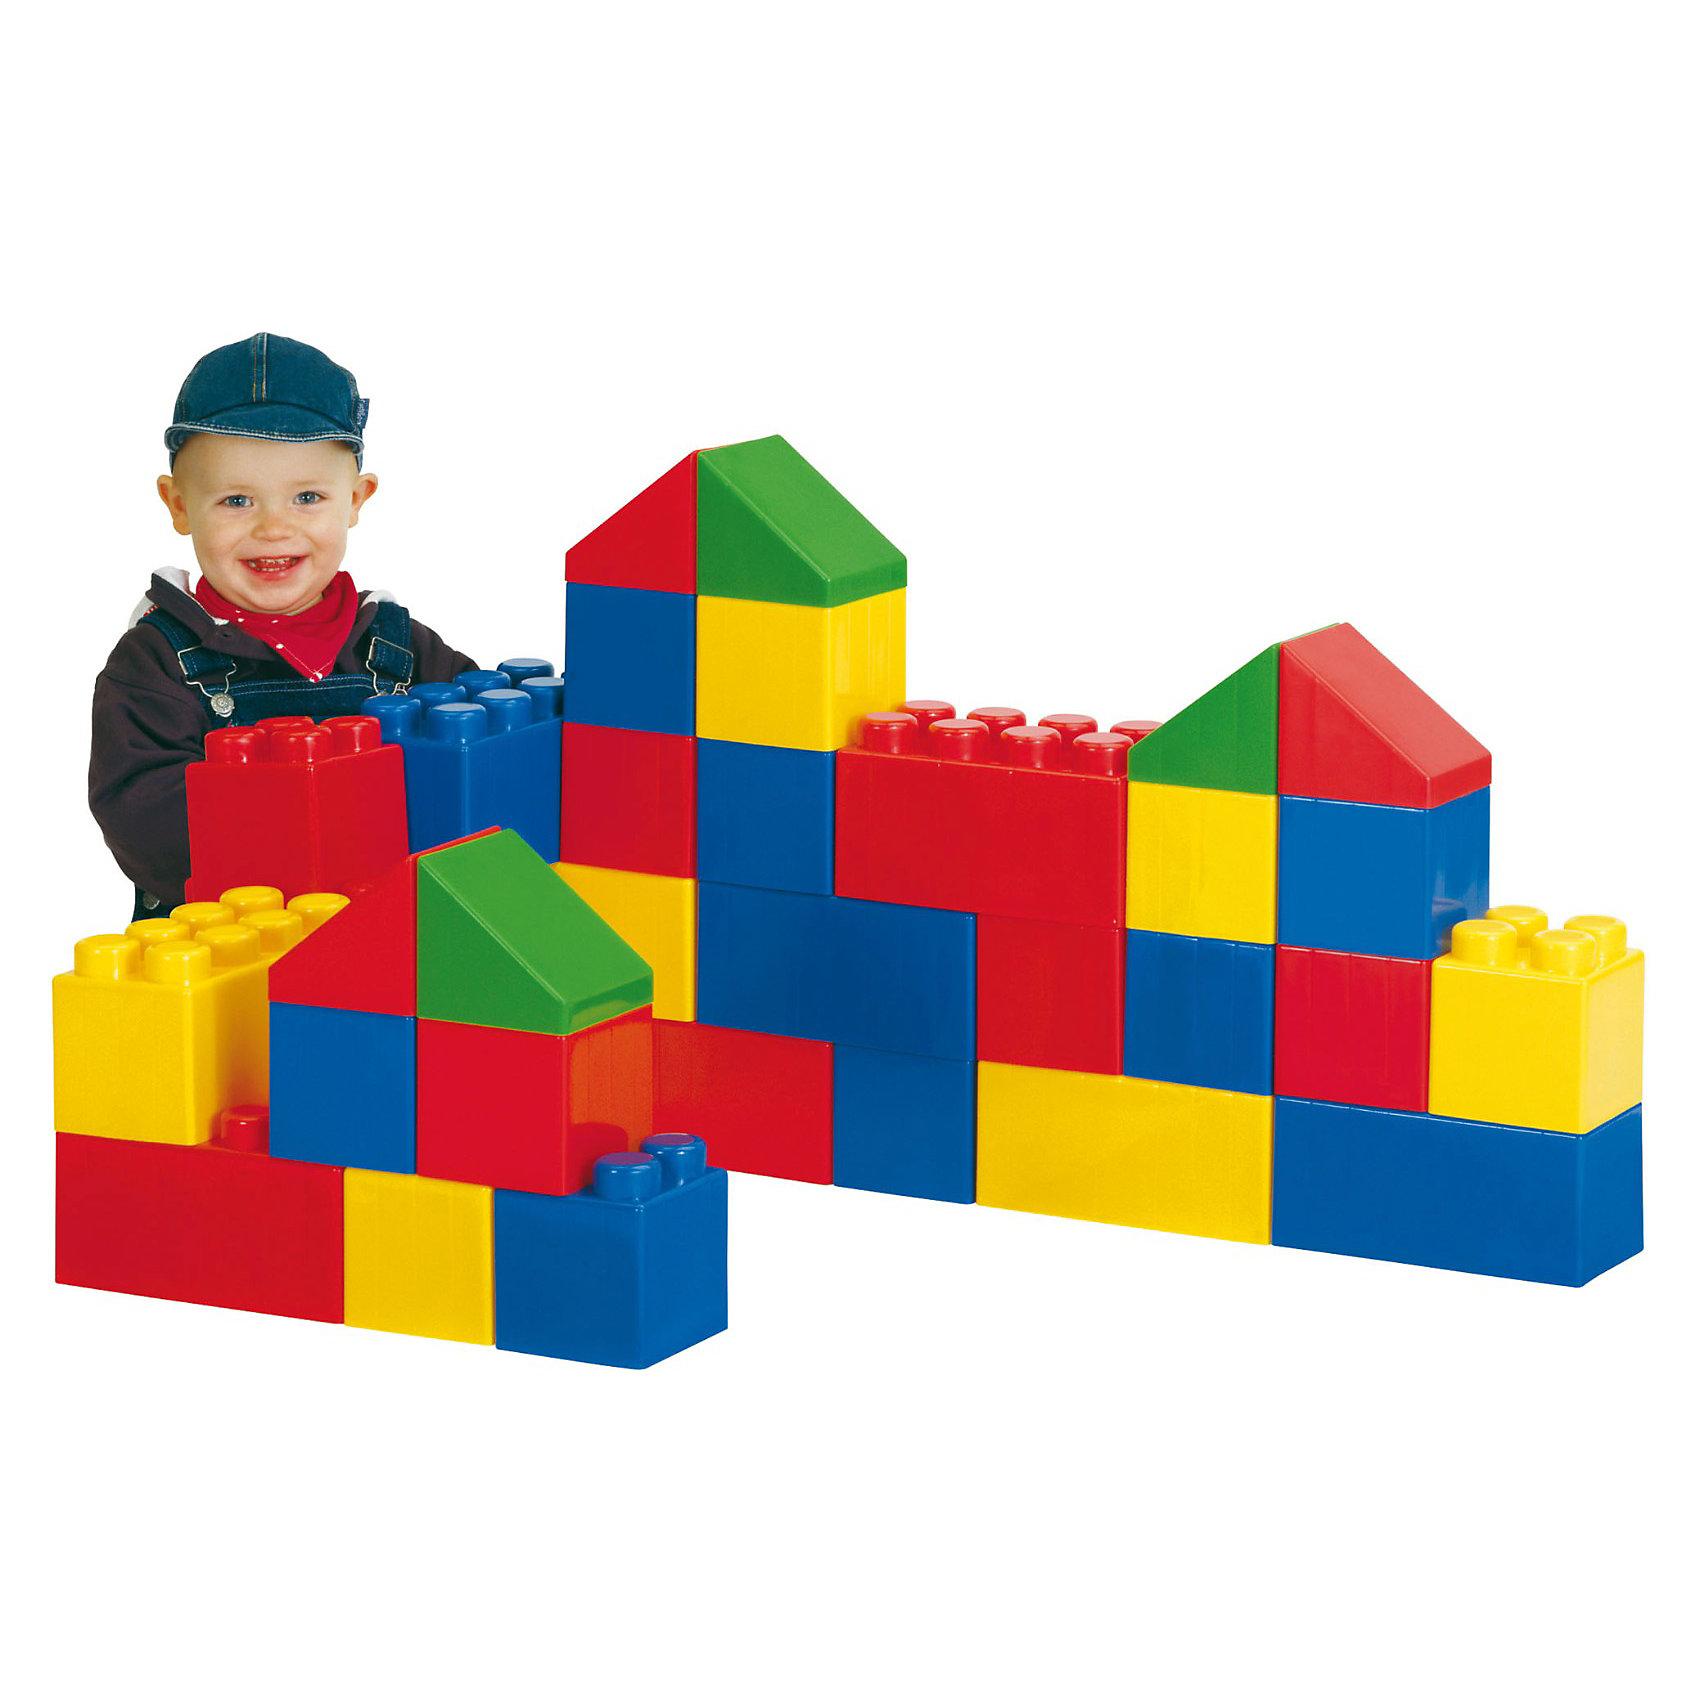 Конструктор строительный XXL, 36 элементов, ПолесьеПластмассовые конструкторы<br>Конструктор серии «XXL» специально создан для игр маленьких детей, крупные элементы безопасны и позволяют развивать моторику рук и физику тела  ребенка. Во время игры с конструктором из серии «XXL» у ребенка активно развивается пространственное и логическое мышление. Возводя постройки, маленький строитель получает понятие о симметрии/асимметрии, учиться подбирать нужные блоки по размеру, цвету и, конечно же, тренирует свое воображение.<br><br>Ширина мм: 600<br>Глубина мм: 444<br>Высота мм: 230<br>Вес г: 4444<br>Возраст от месяцев: 36<br>Возраст до месяцев: 96<br>Пол: Унисекс<br>Возраст: Детский<br>SKU: 3318728